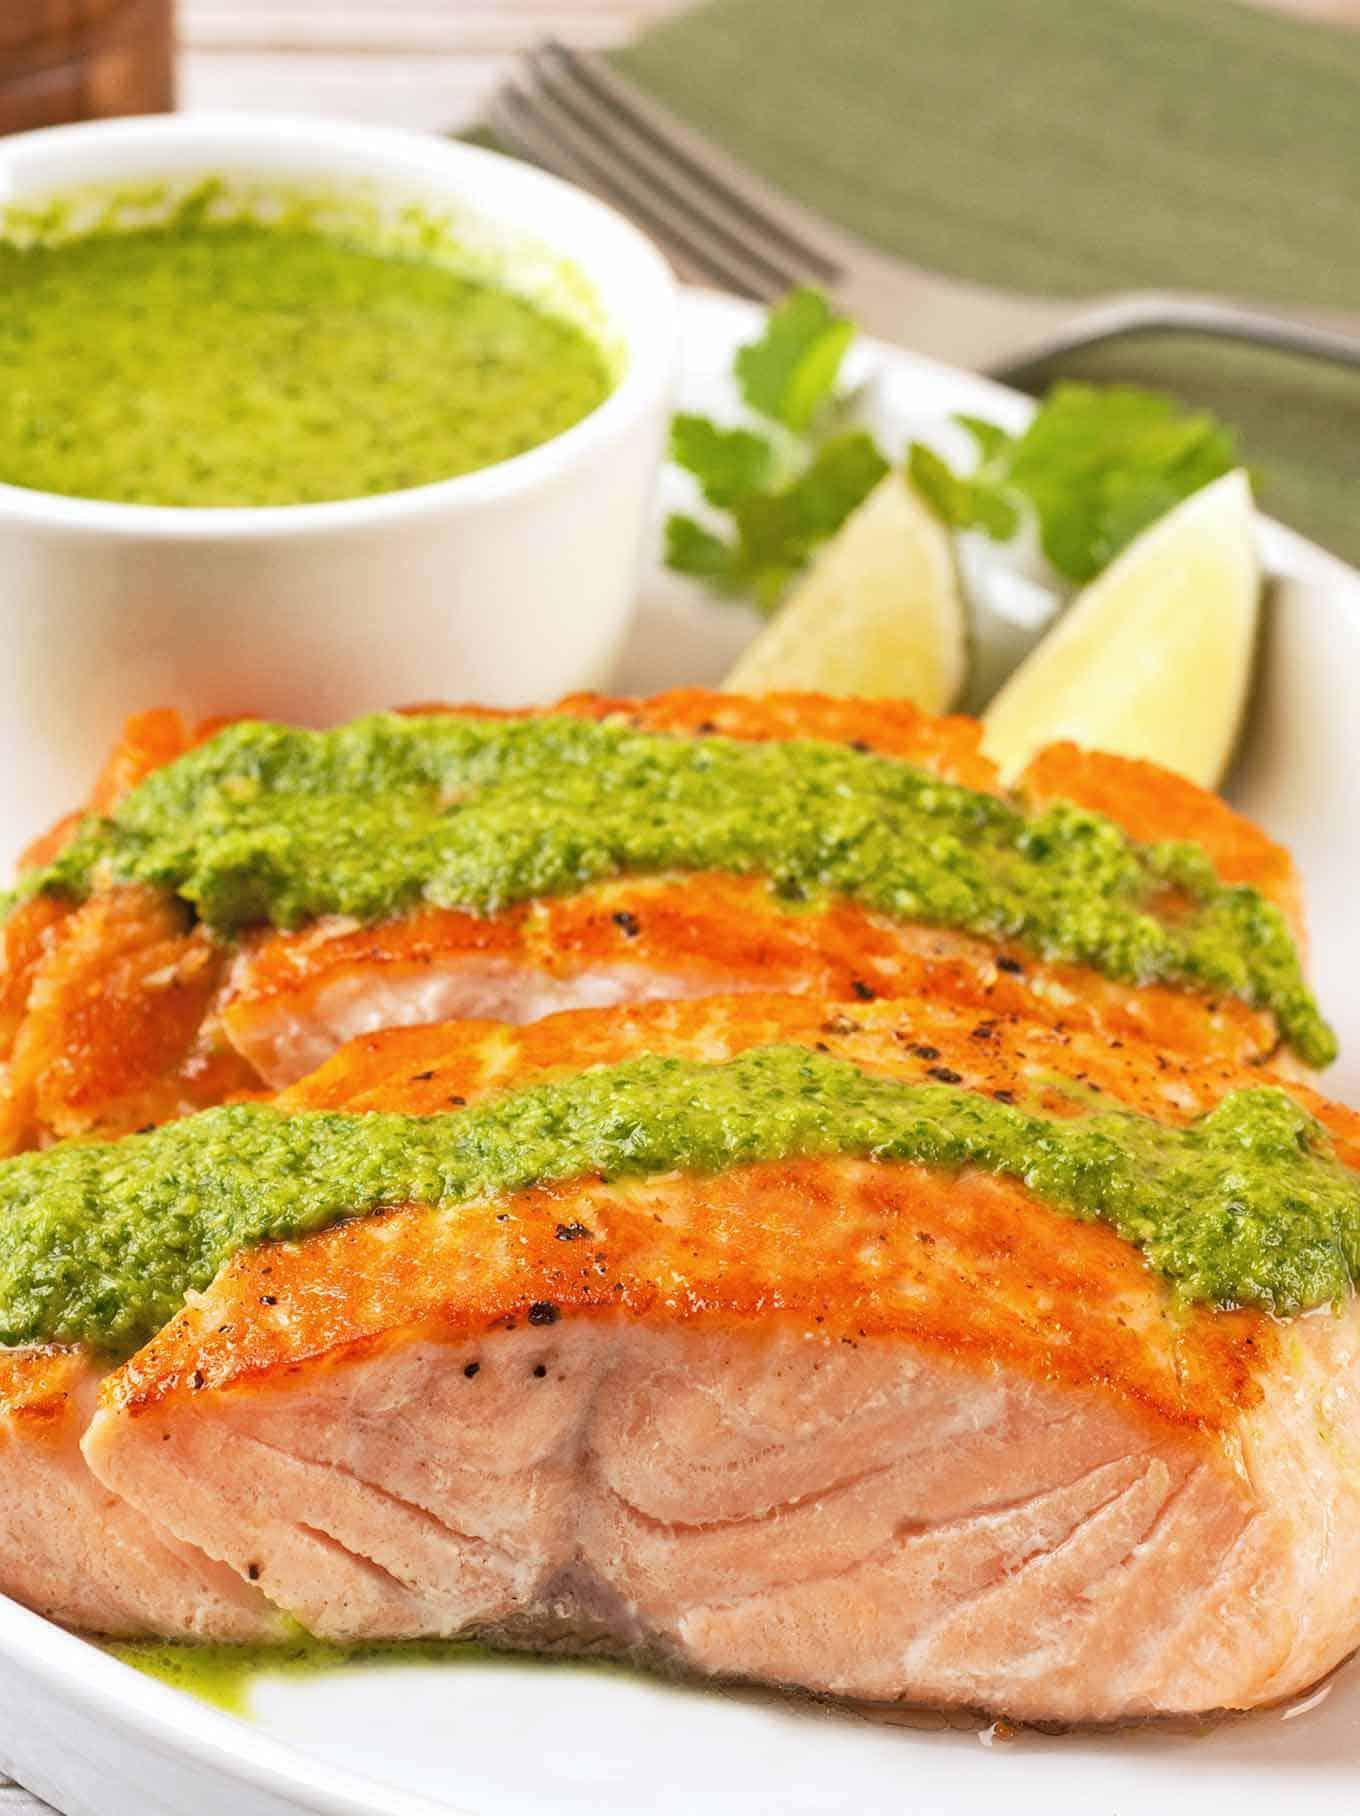 Seared Salmon Fillets with Cilantro Pesto